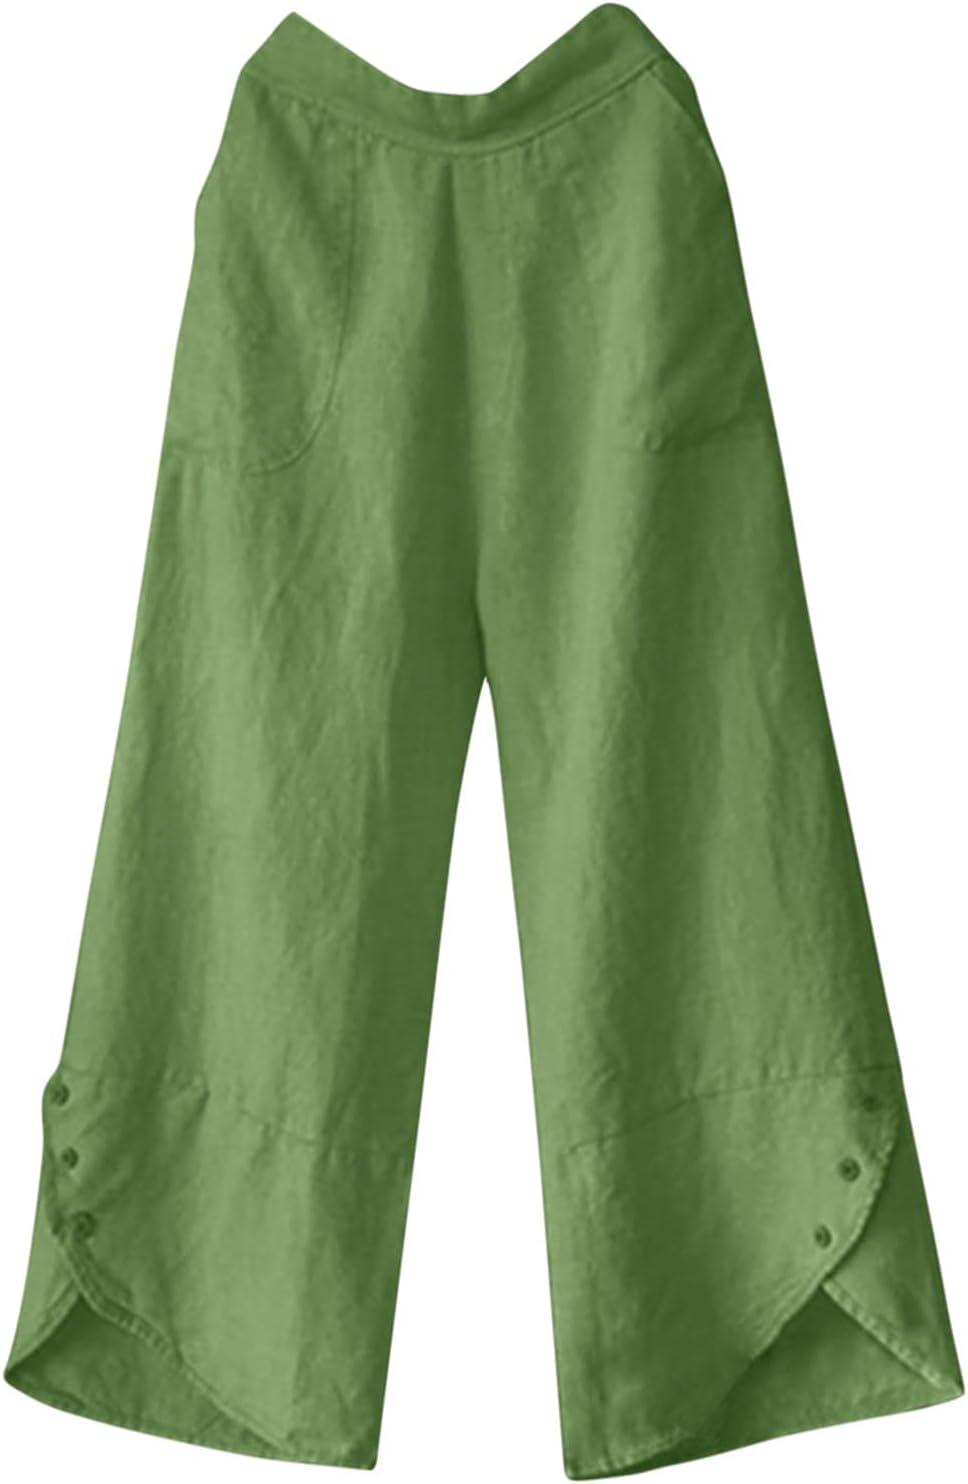 Bikegna Women High Waist Large Pocket Buttons Memphis Mall Size Irregul material Loose